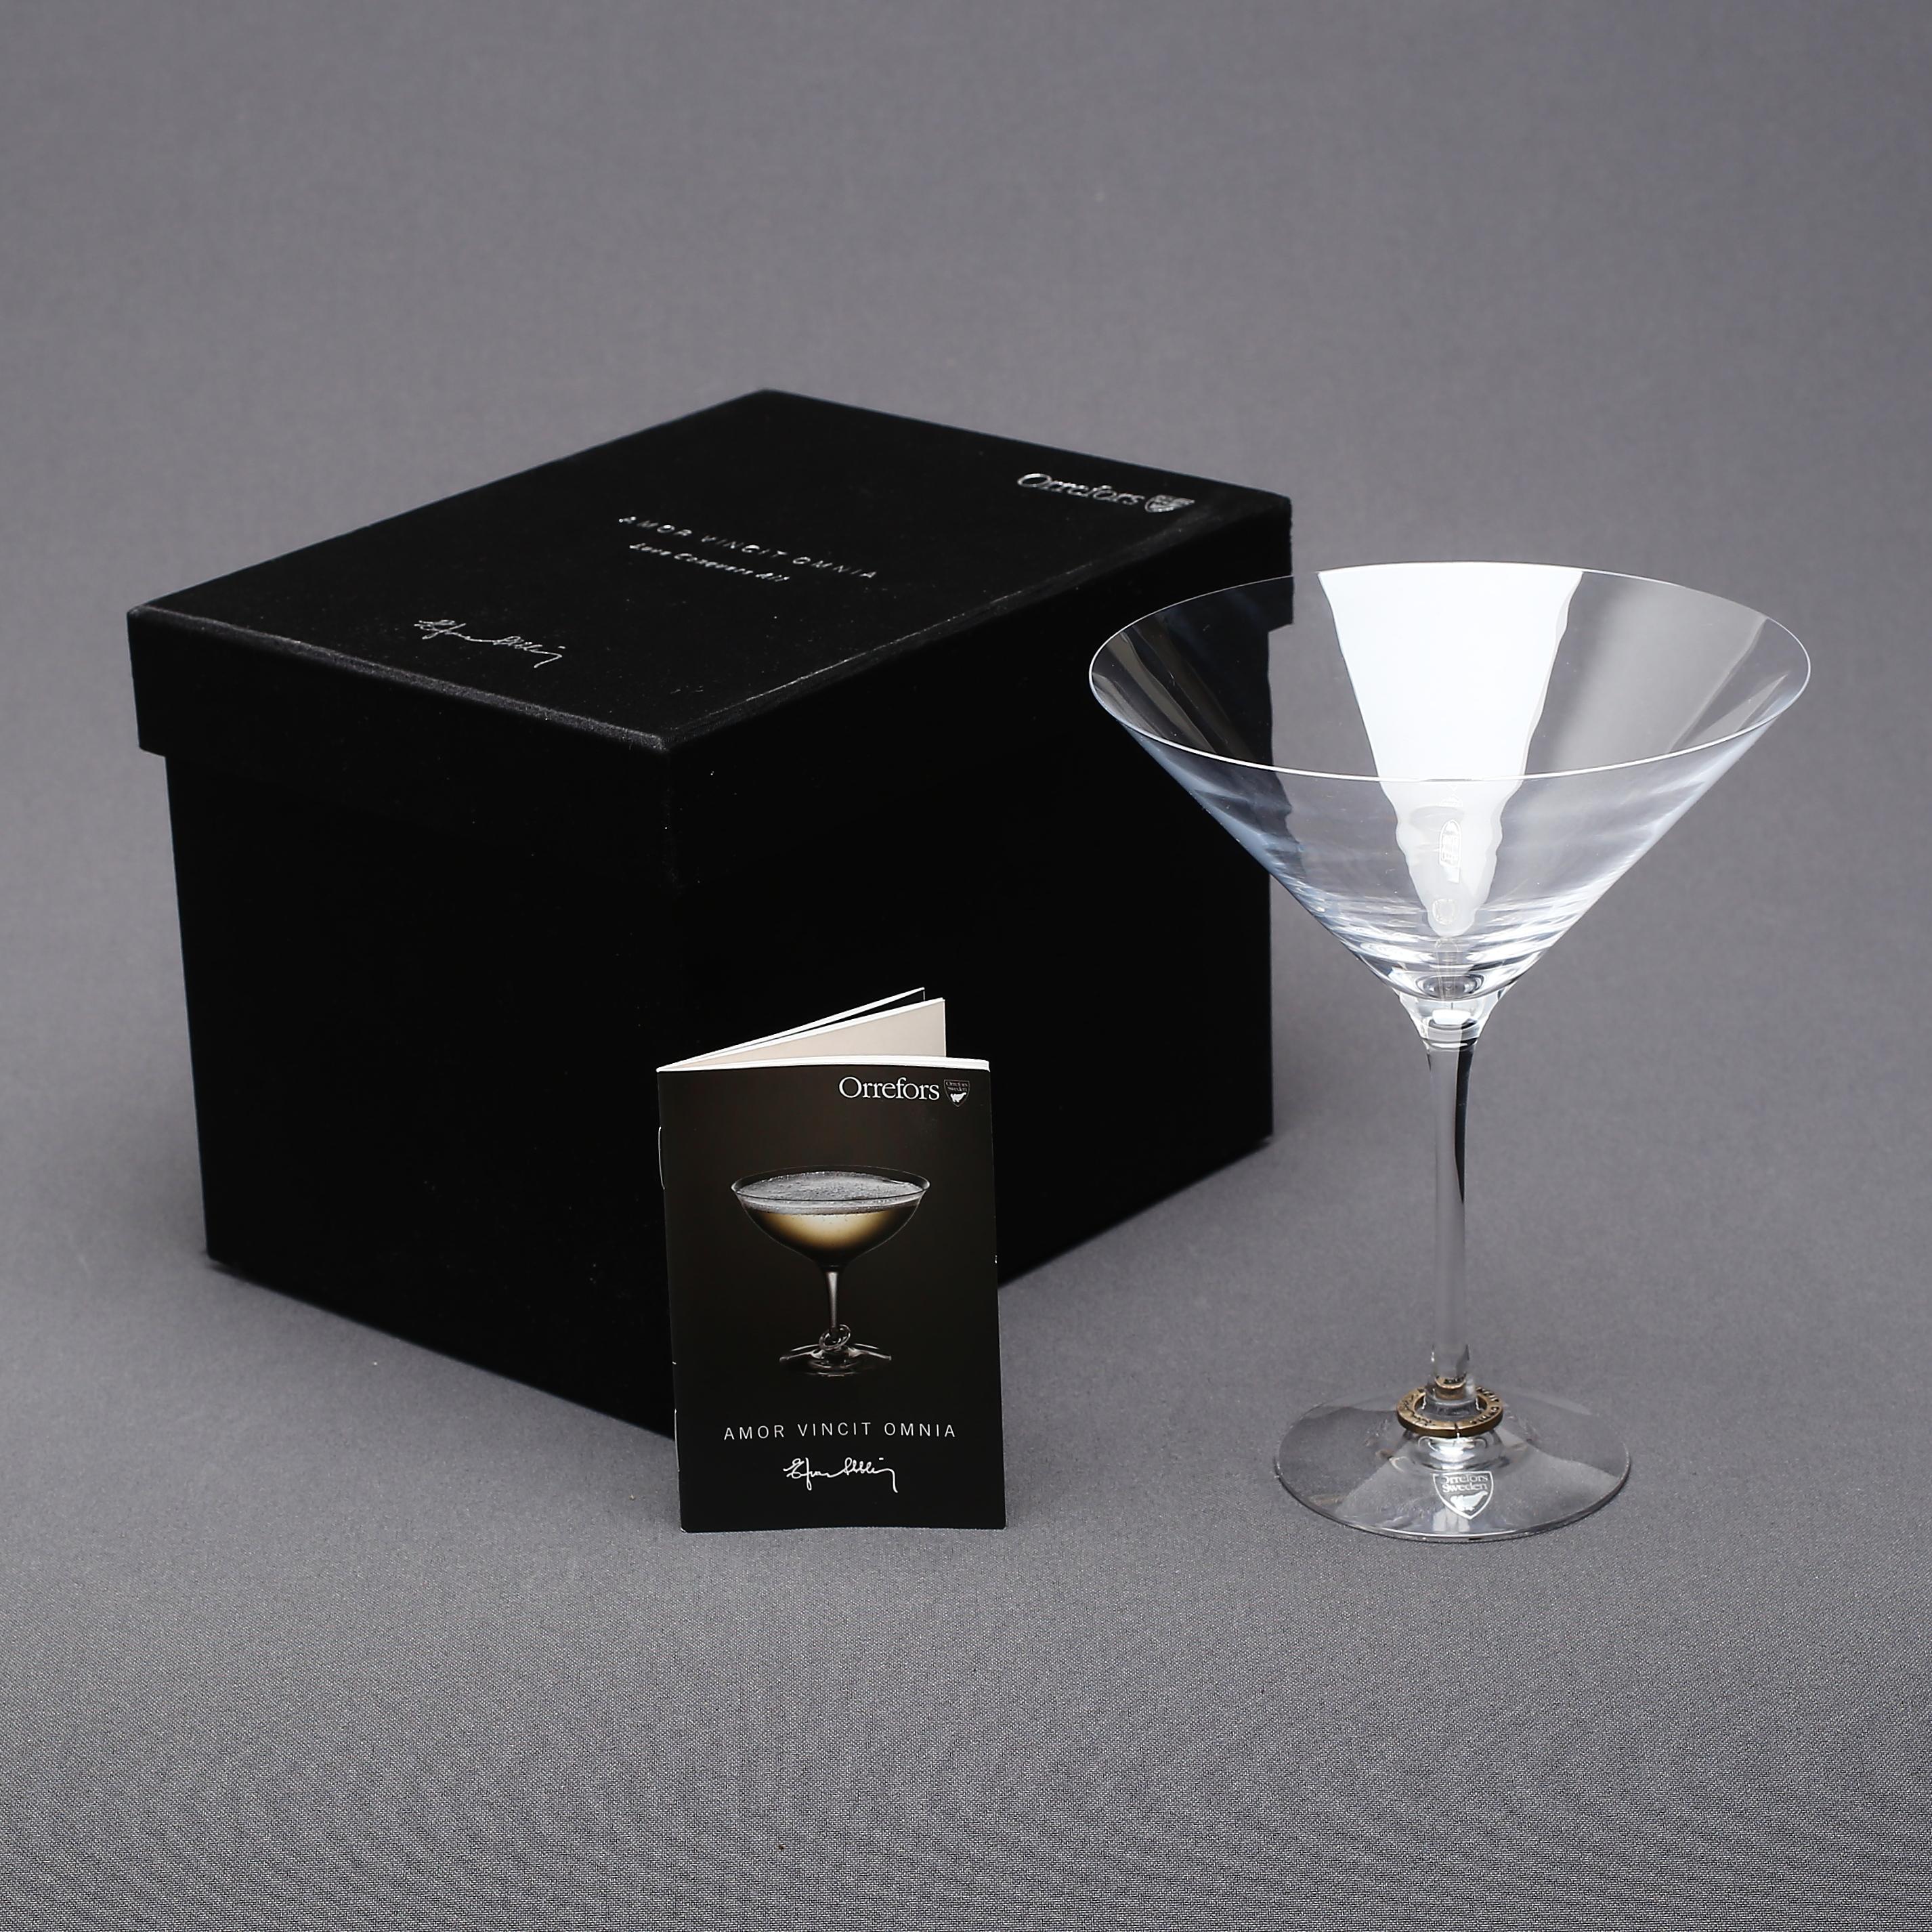 efva attling orrefors glas